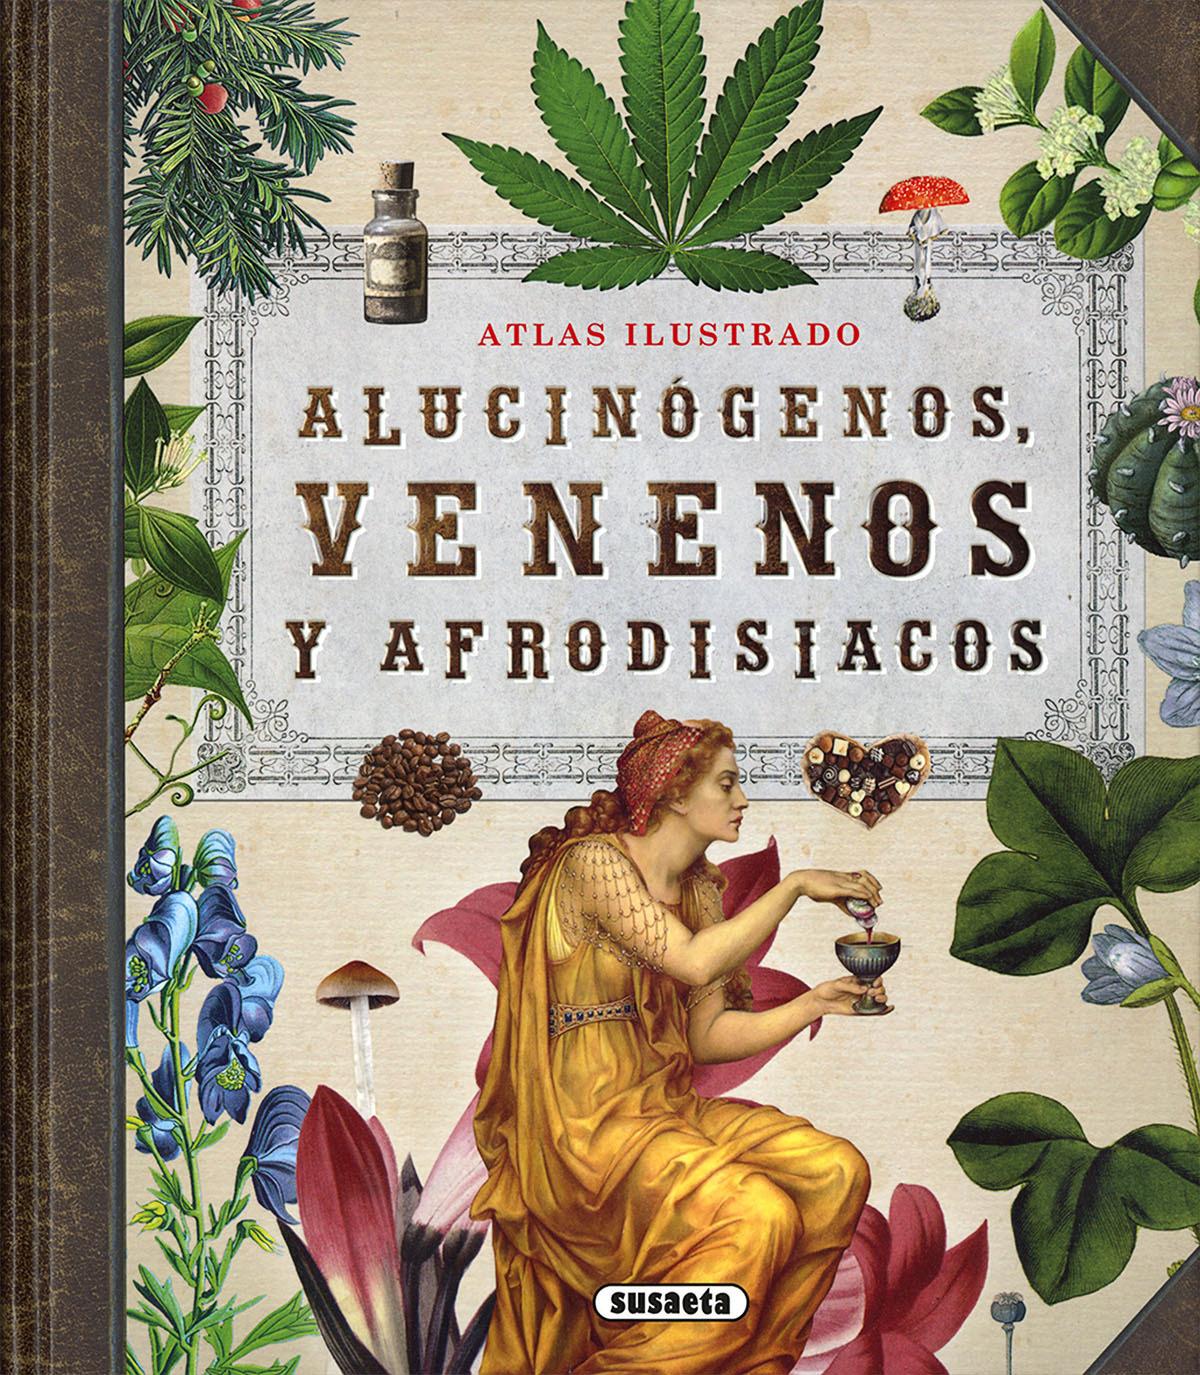 ALUCINÓGENOS, VENENOS Y AFRODISÍACOS 9788467764574